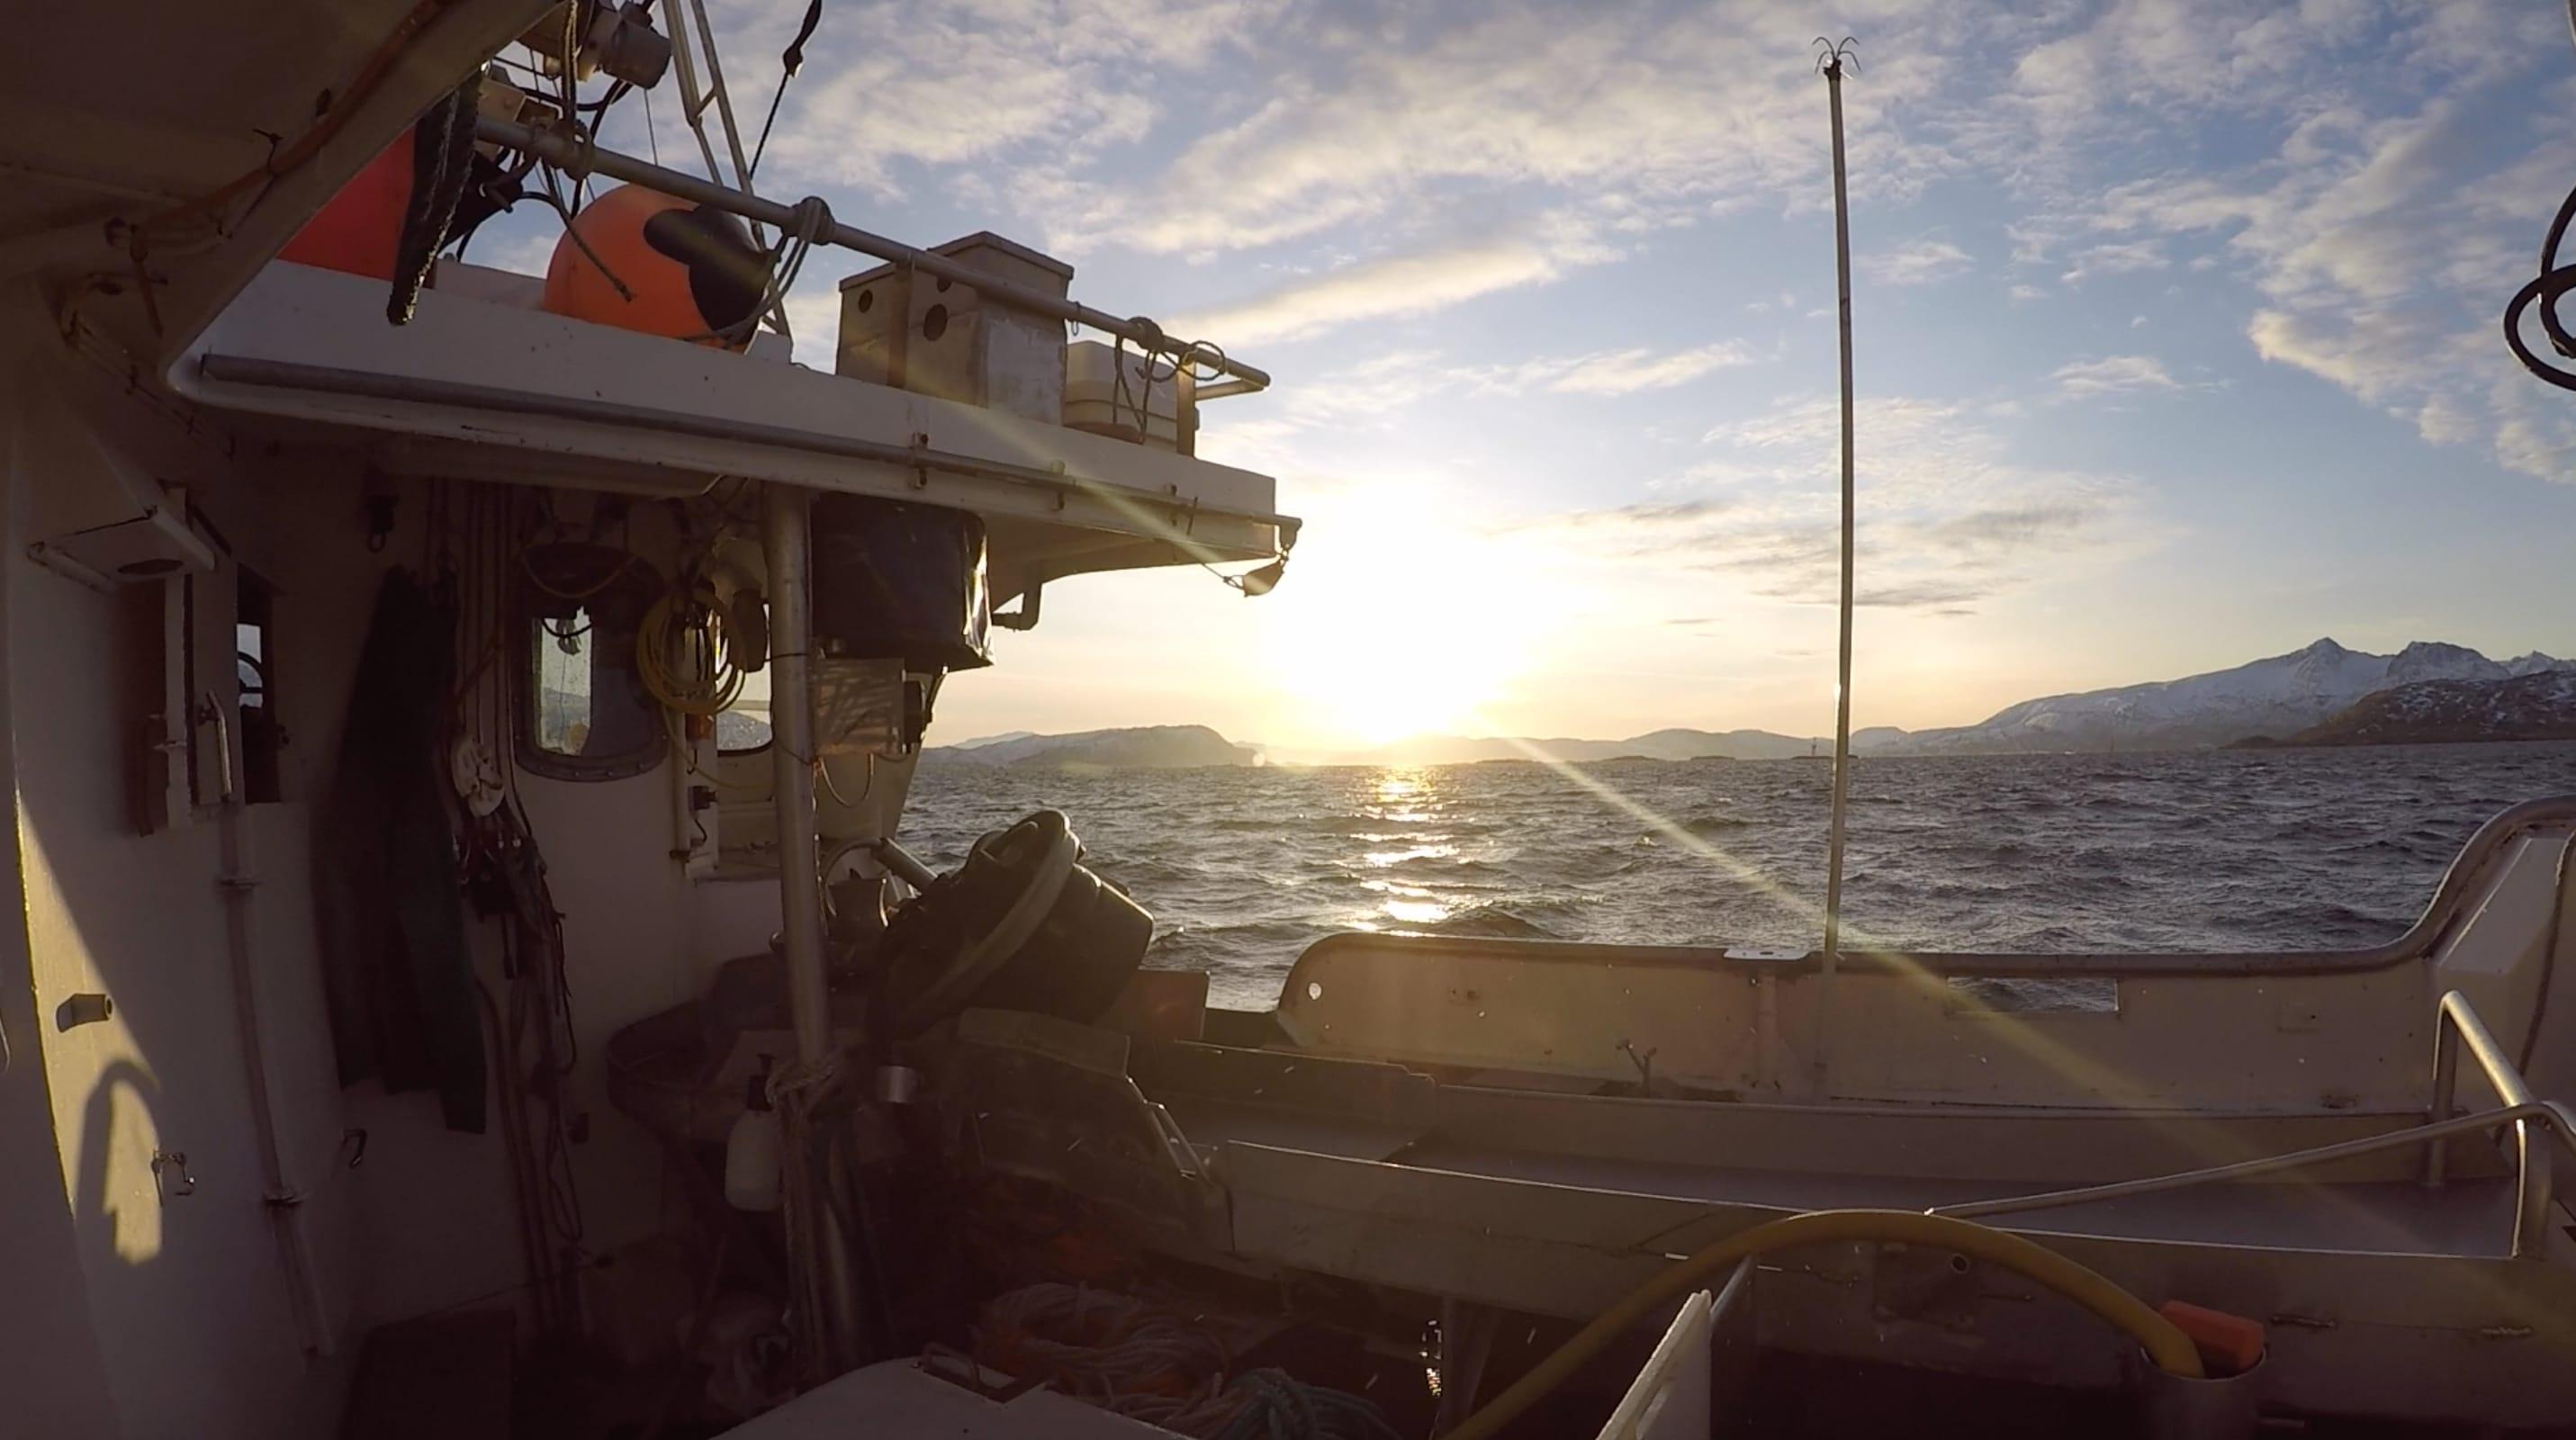 Når lyset melder seg, er det enkelt å forstå hva fiskerne snakker om.